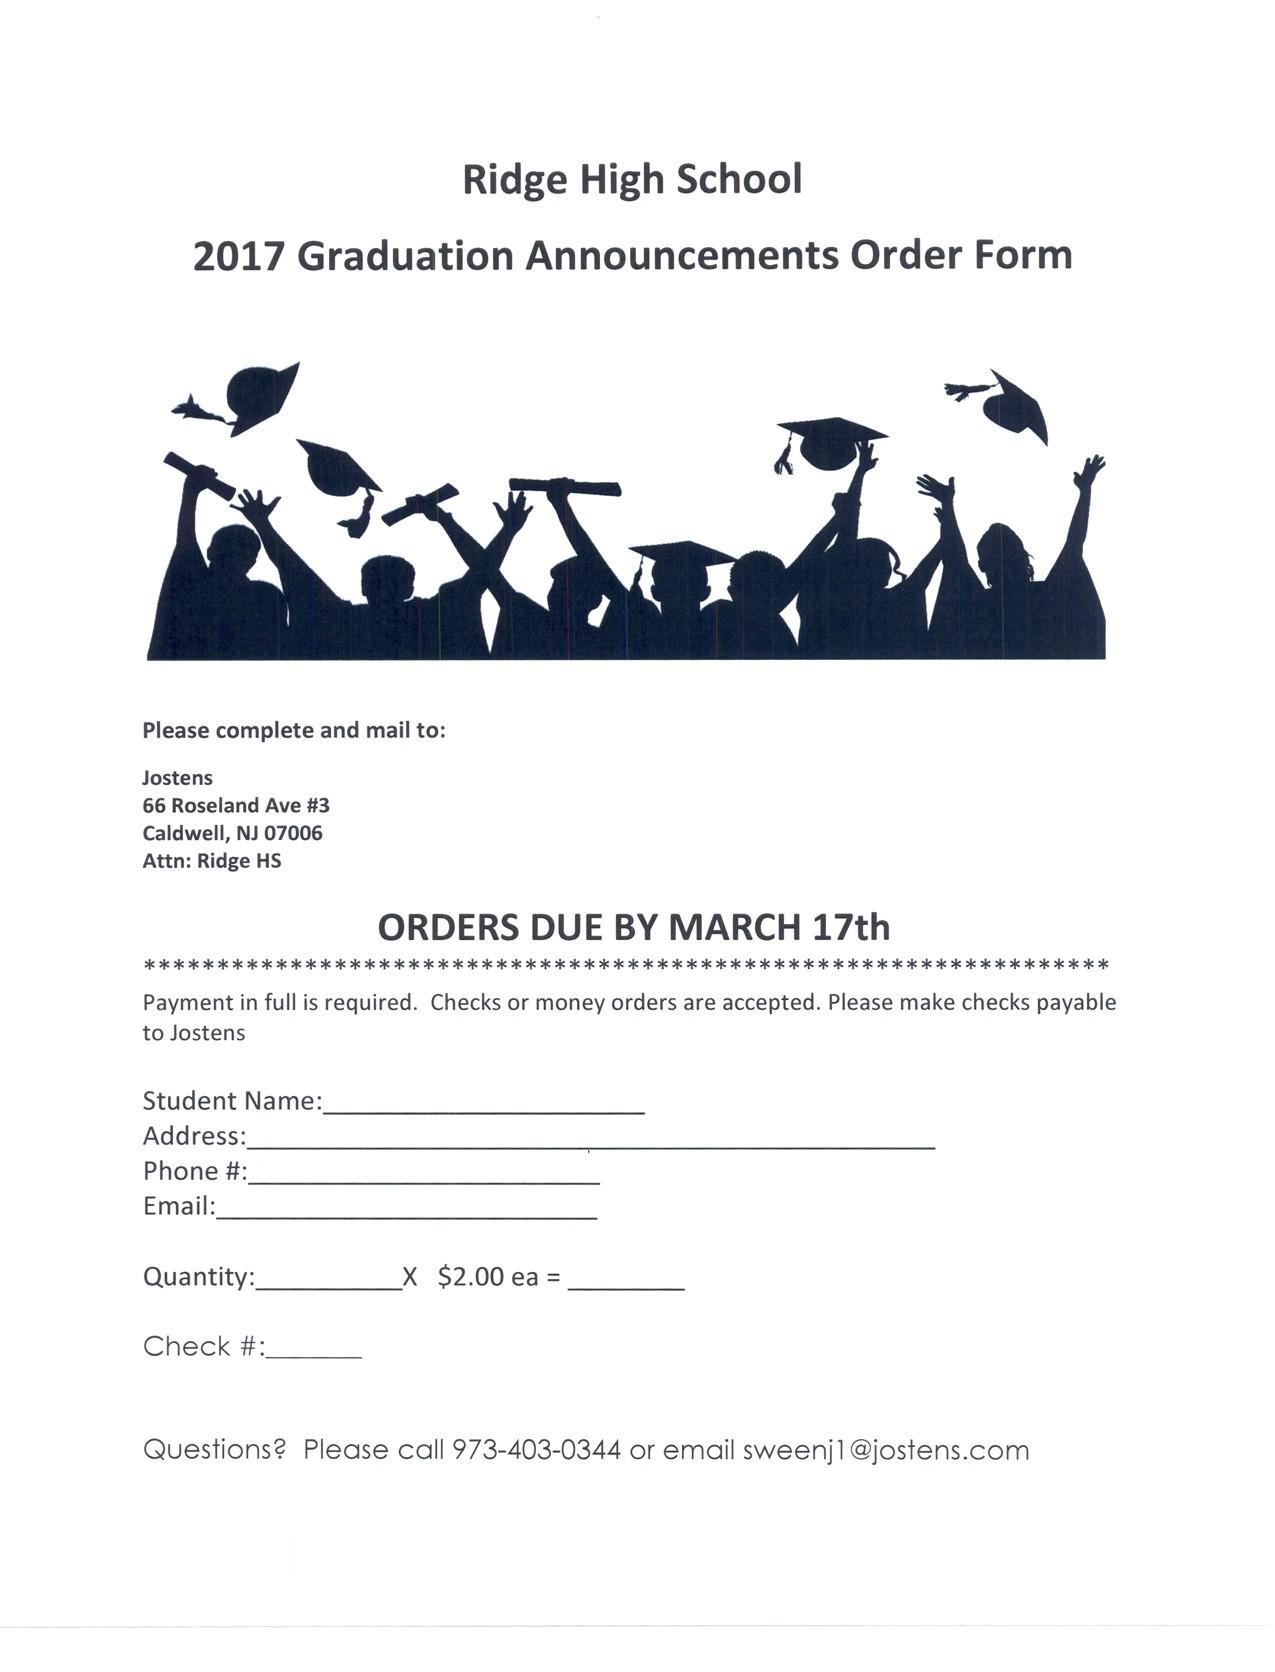 2017 graduation announcements order form 2 pdf 2